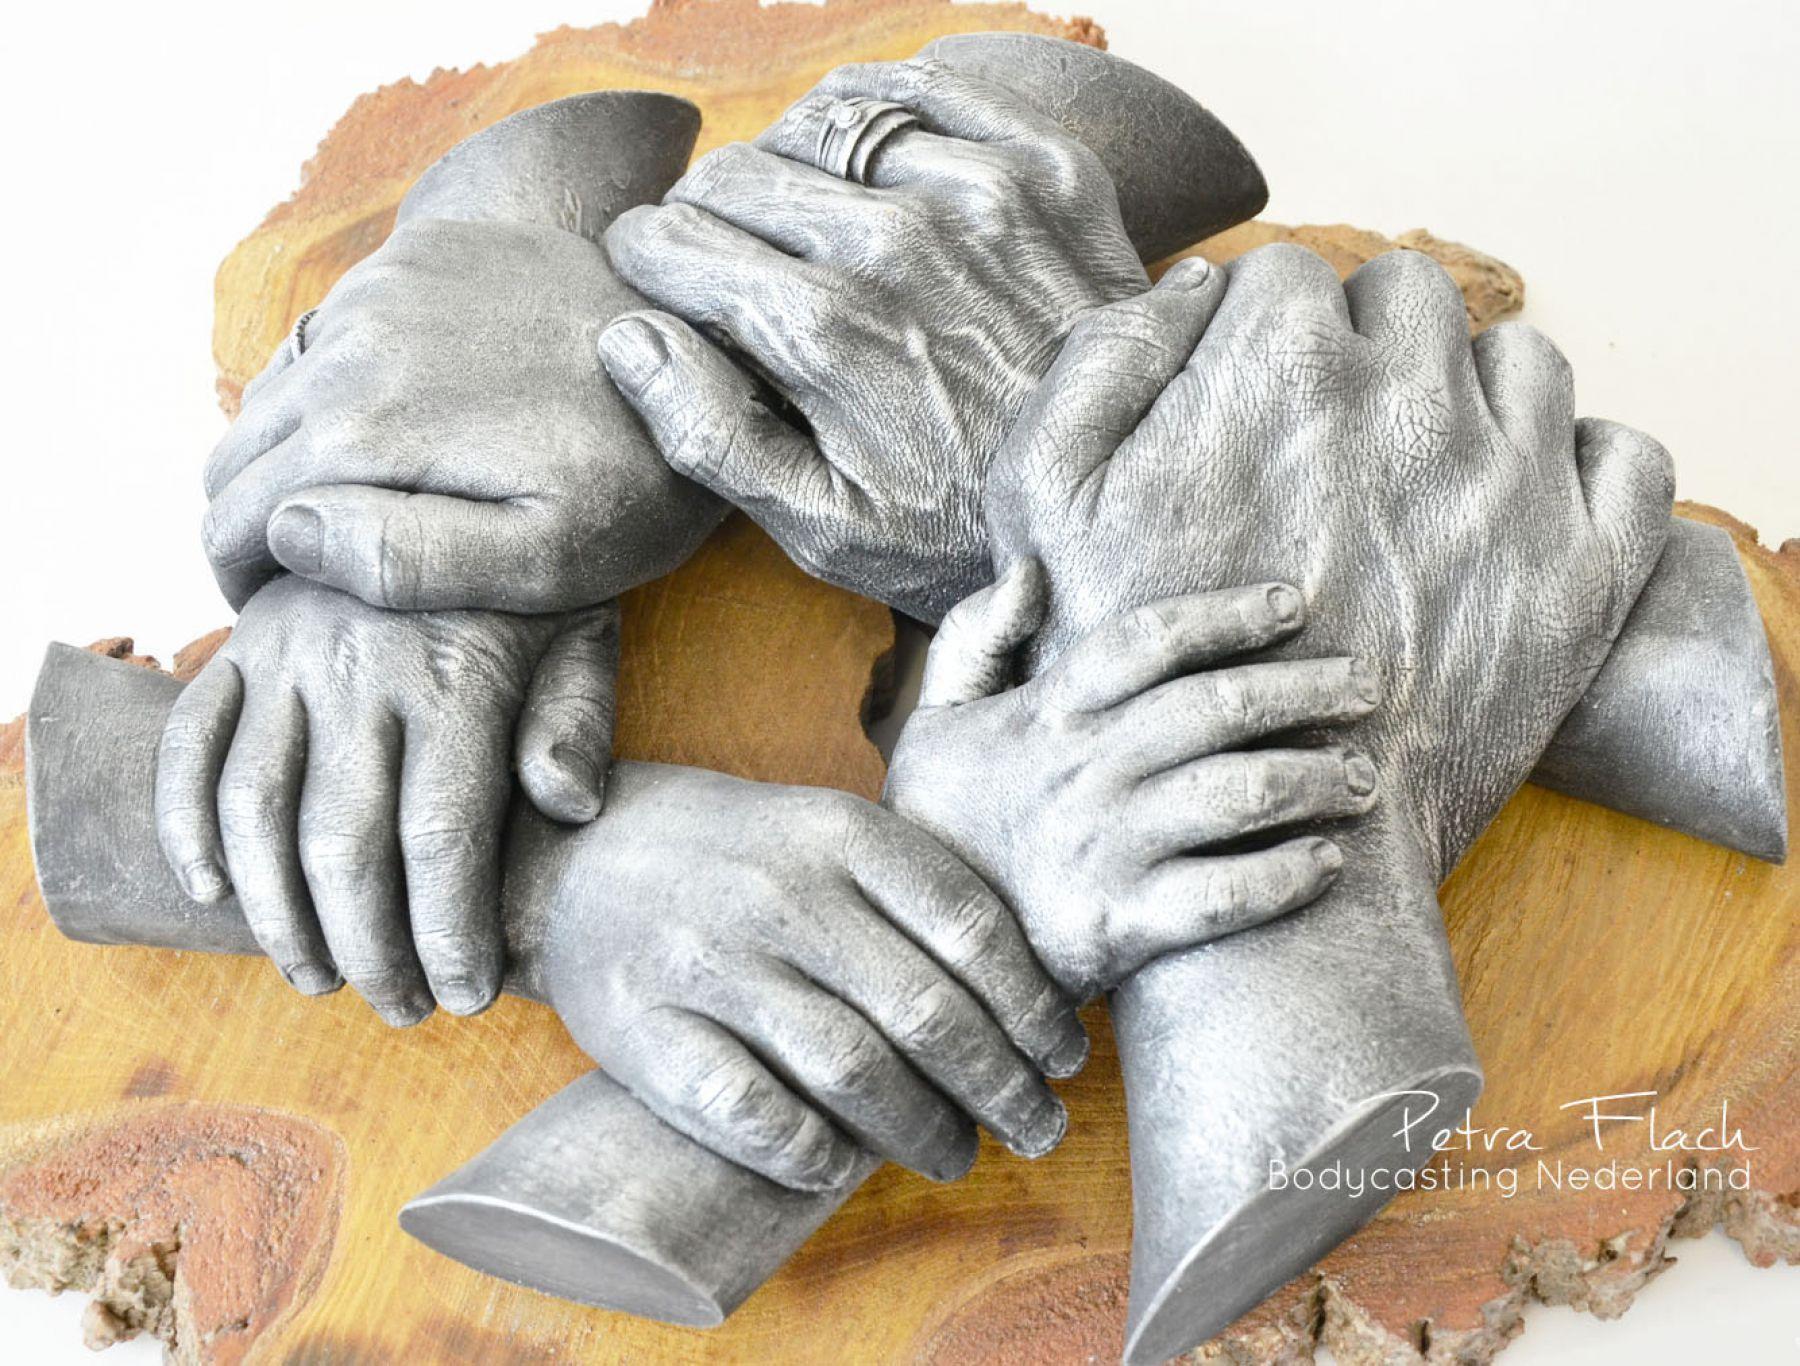 Bodycasting-lifecasting-handen-krans-Handbeeld-3d-hand-afdruk-gipshanden-handen in gips of hars-handbeeld.jpg